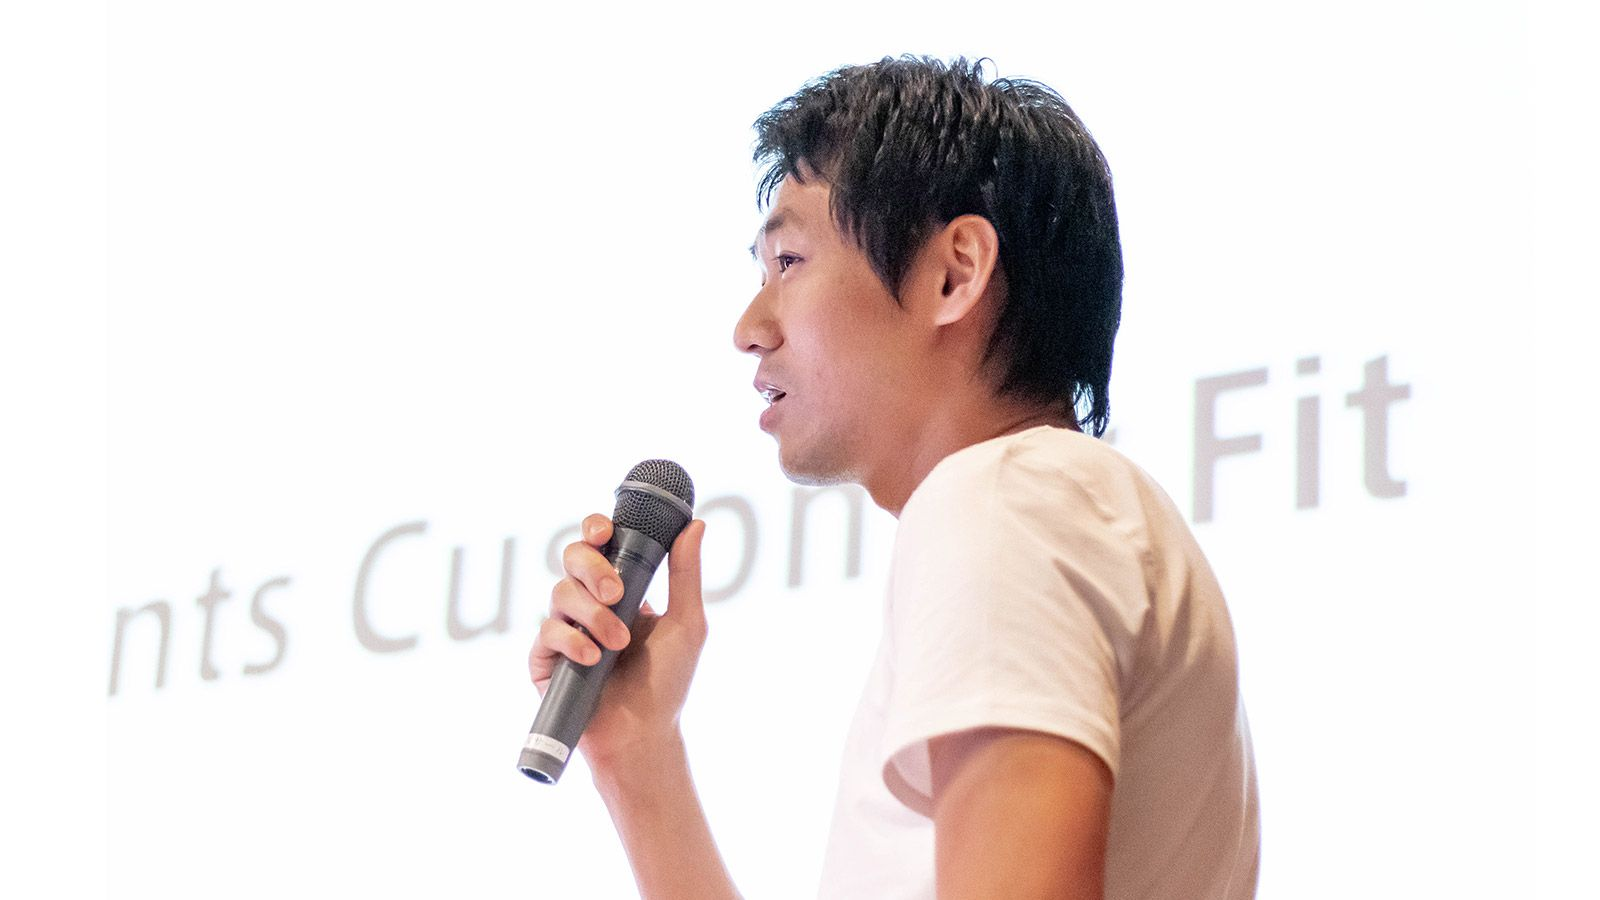 プロダクトグロースに必要なのは「アイデア」ではなく「適切な問い」|dely 坪田朋